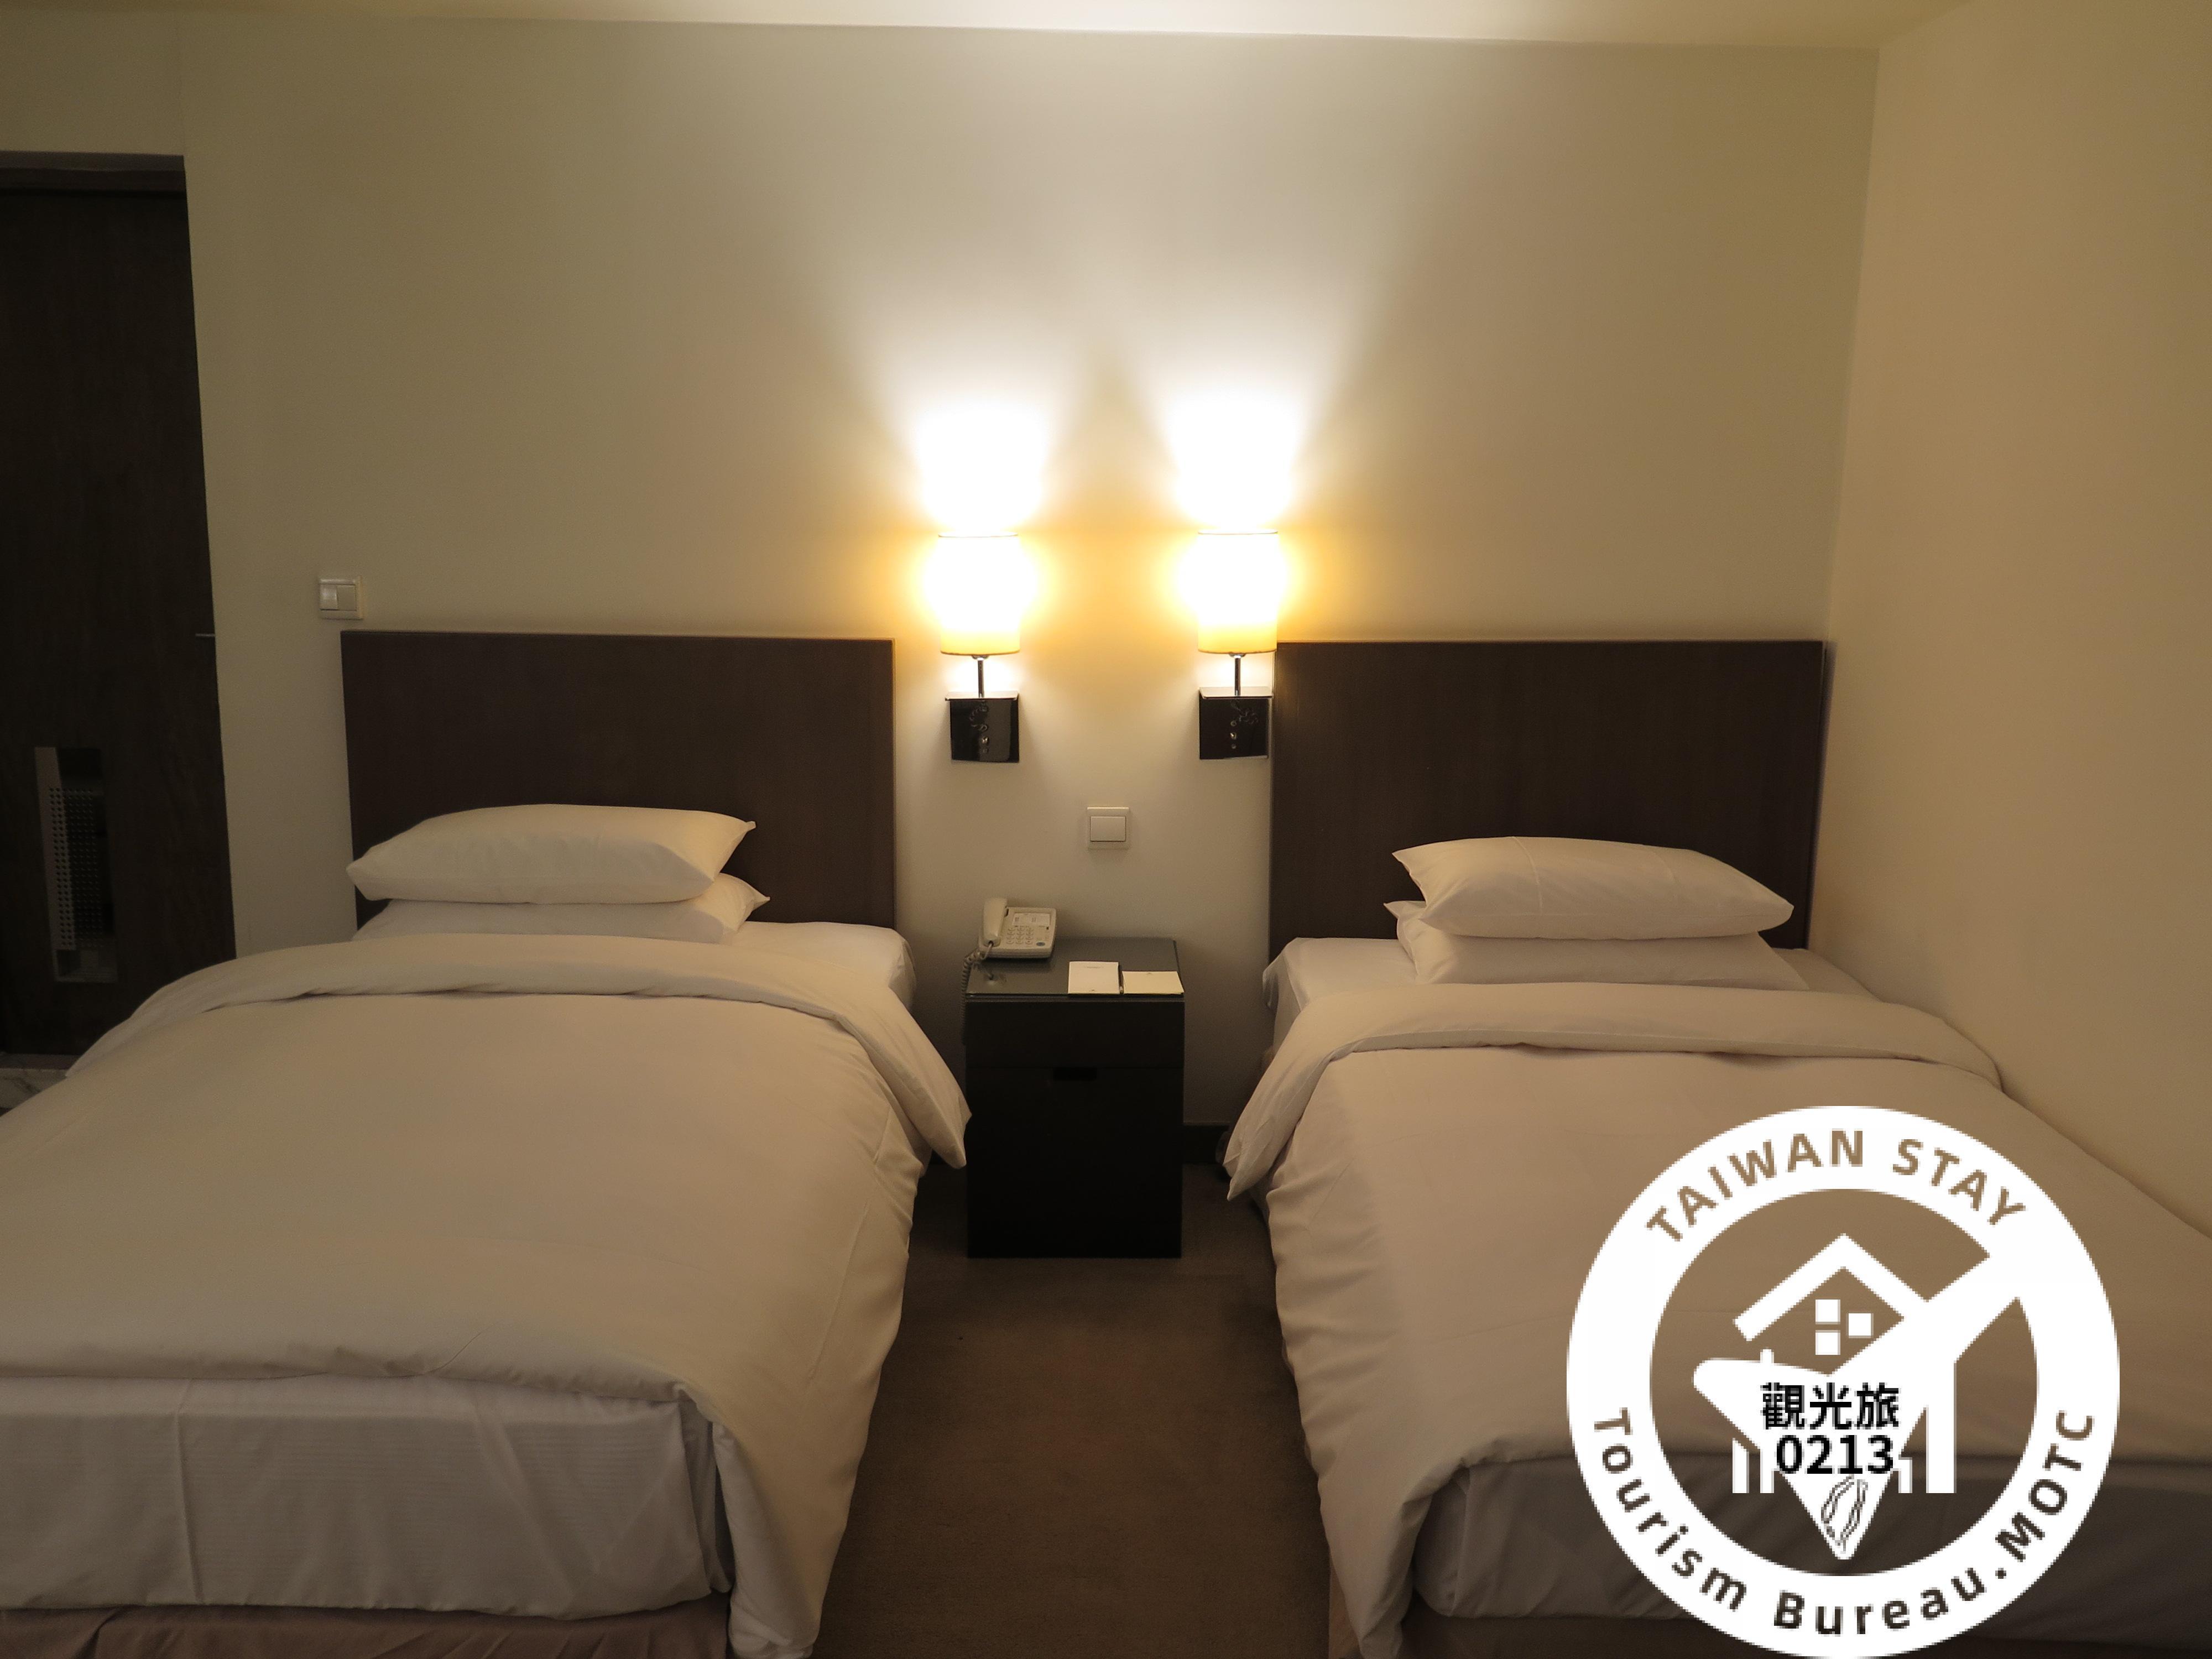 精緻雙床房照片_1